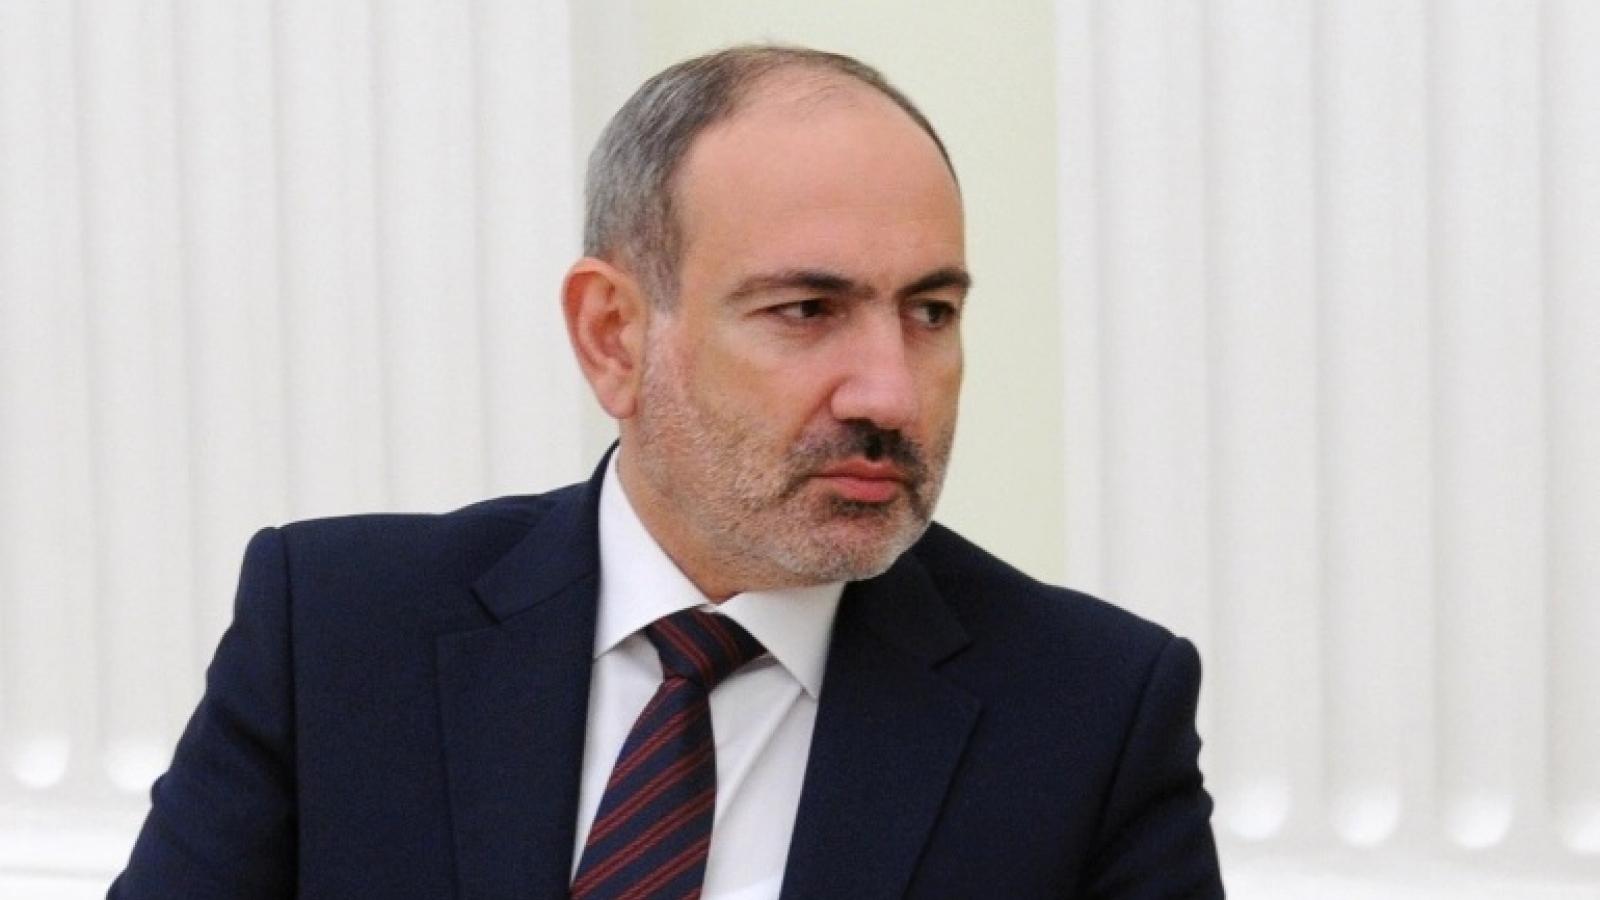 Thủ tướng Armenia tuyên bố sẽ từ chức để tiến hành bầu cử Quốc hội trước kỳ hạn